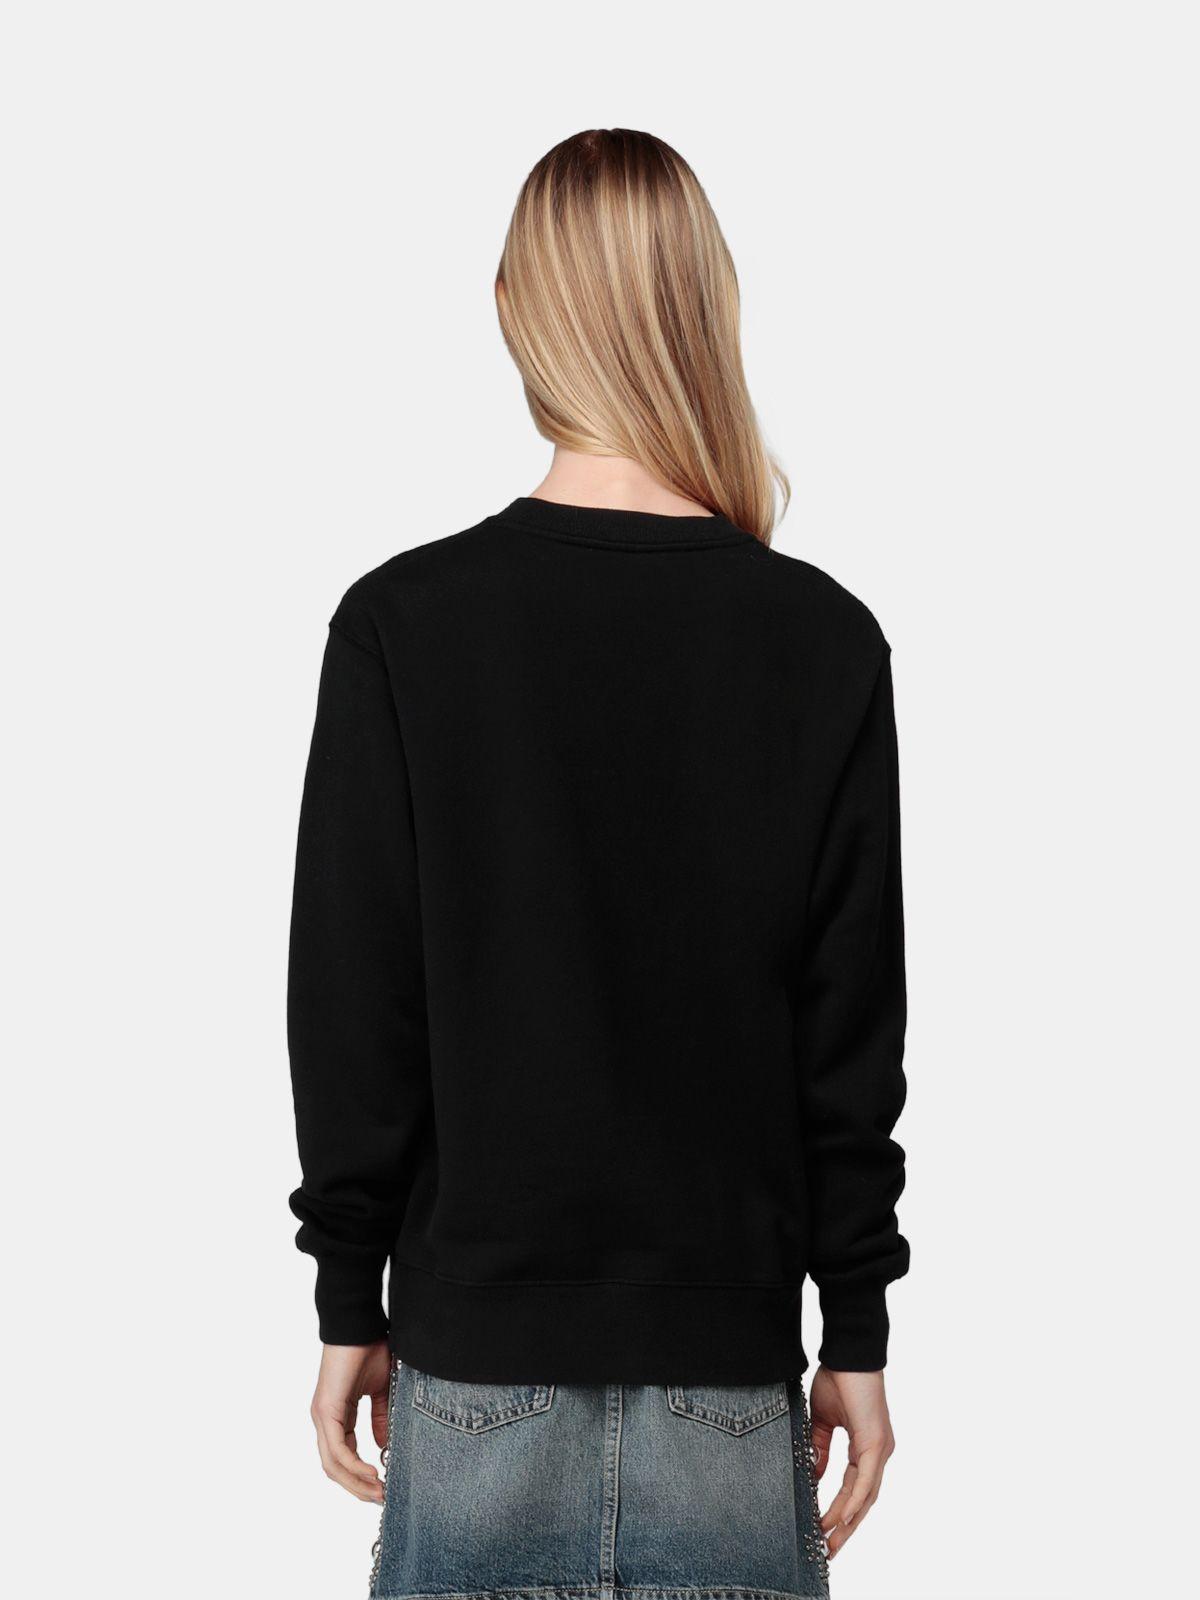 Golden Goose - Black Higanbana sweatshirt with logo print in